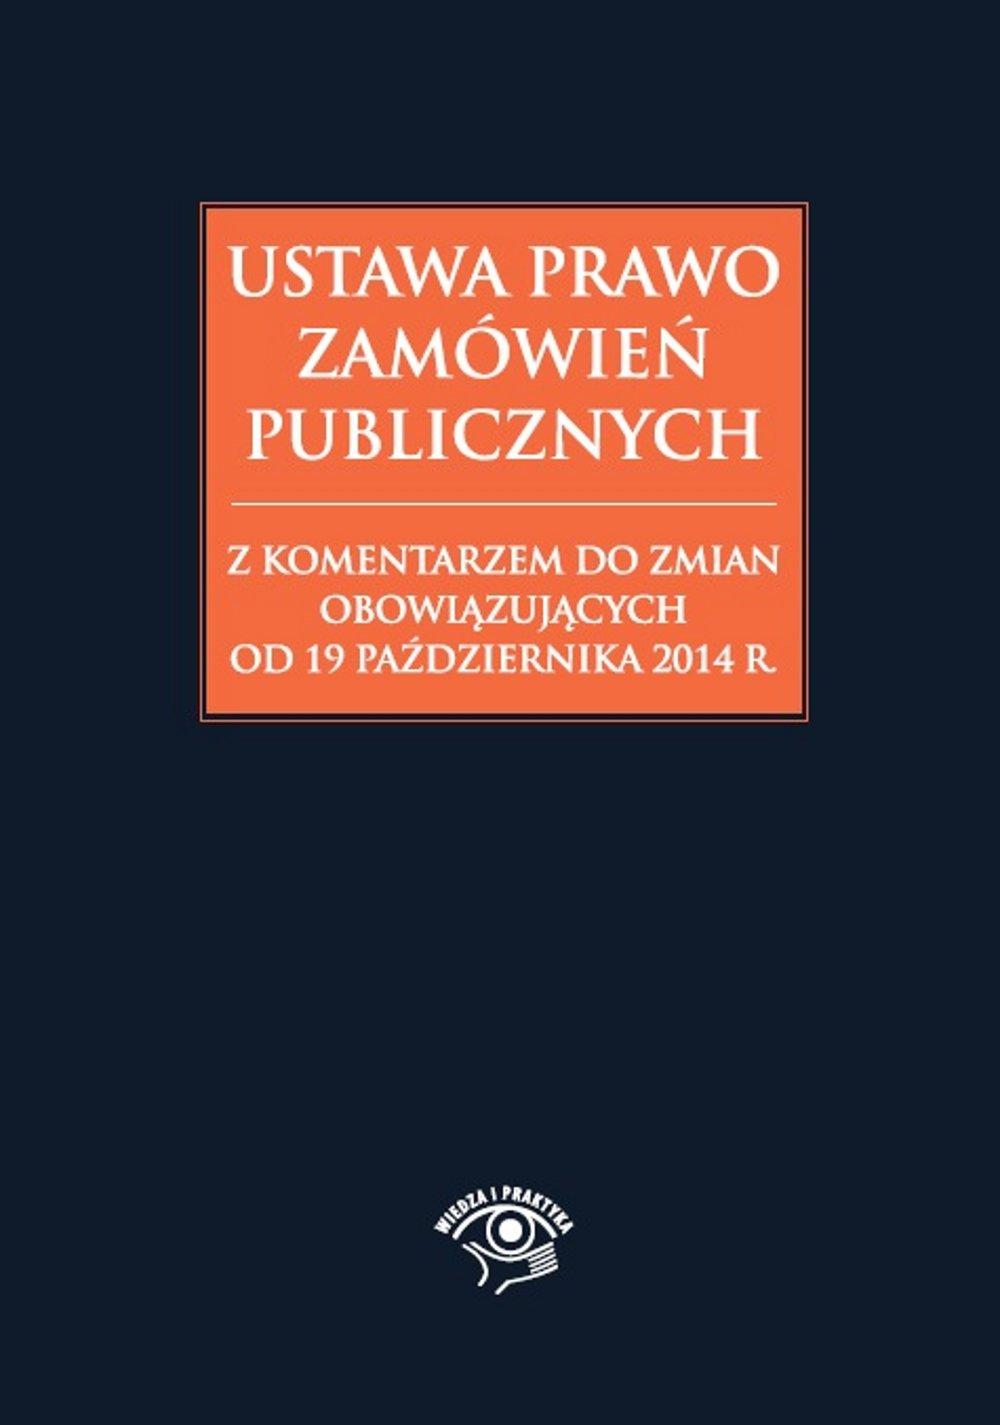 Ustawa Prawo zamówień publicznych z komentarzem do zmian obowiązujących od 19 października 2014 r. - Ebook (Książka PDF) do pobrania w formacie PDF